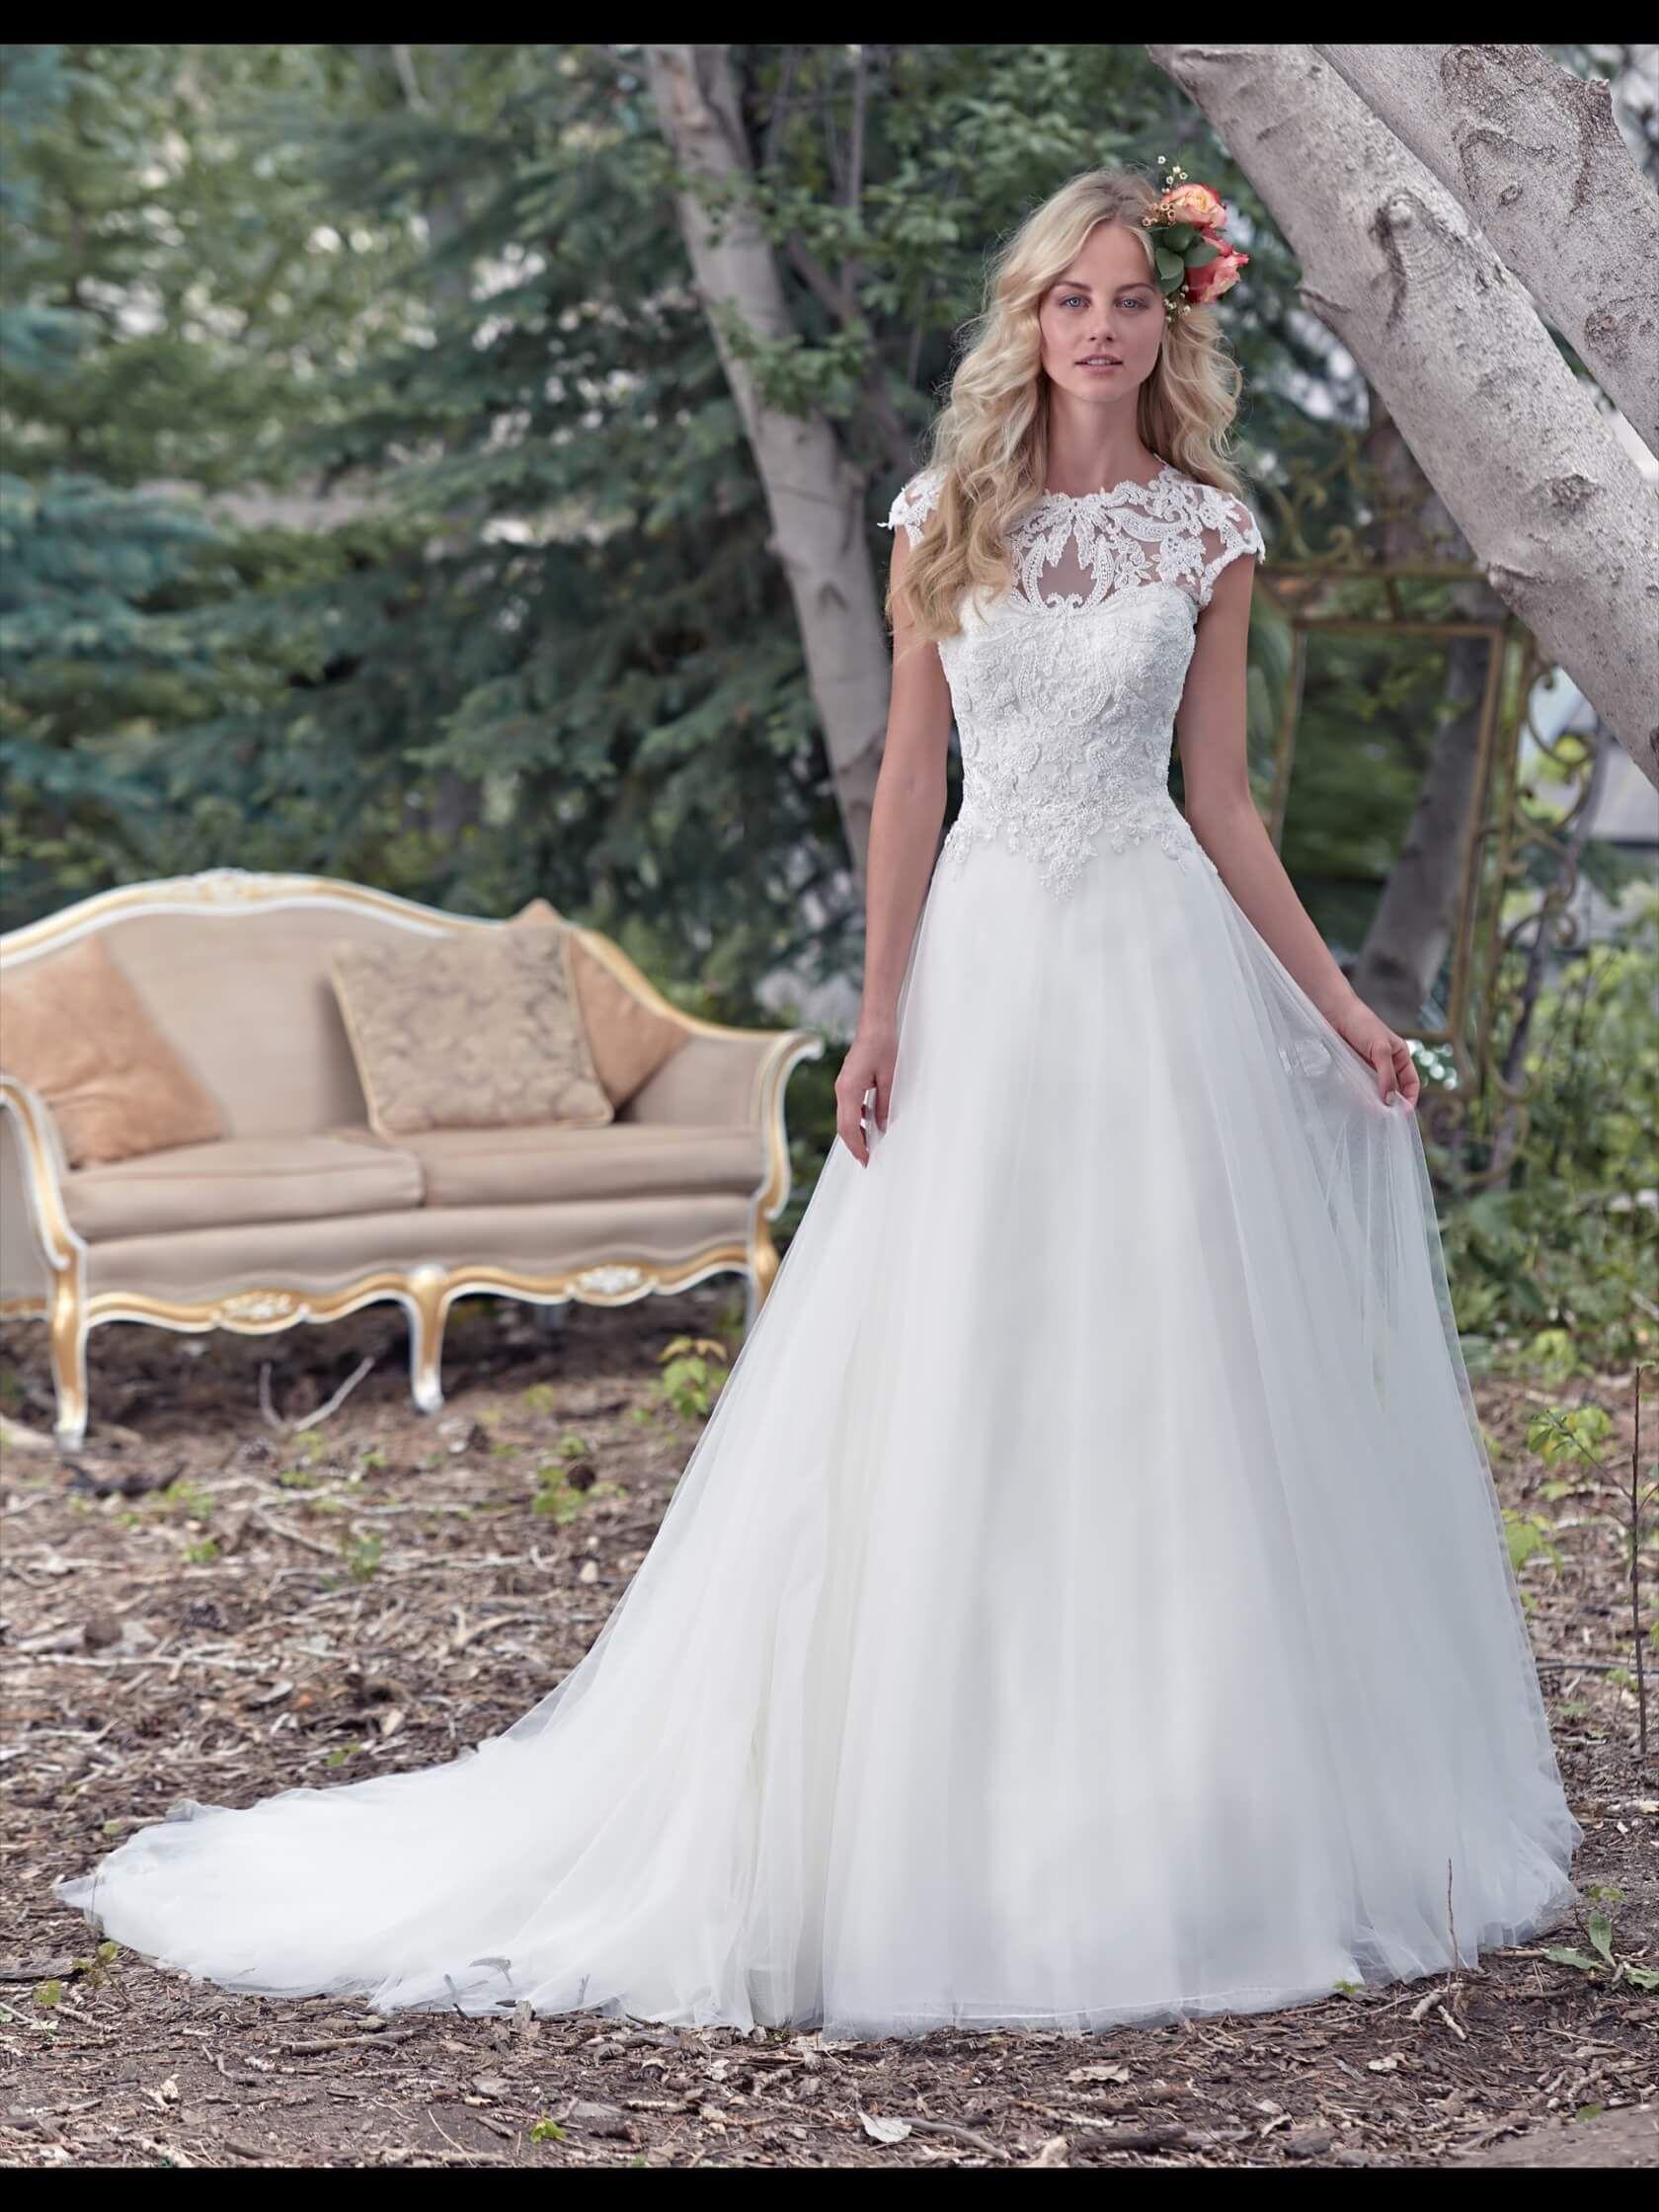 a5f195161fa3 Abito da sposa in stile romantico tulle e organza. Corpetto interamente ricamato  con perle e strass. Scollo a barca di pizzo francese trasparente